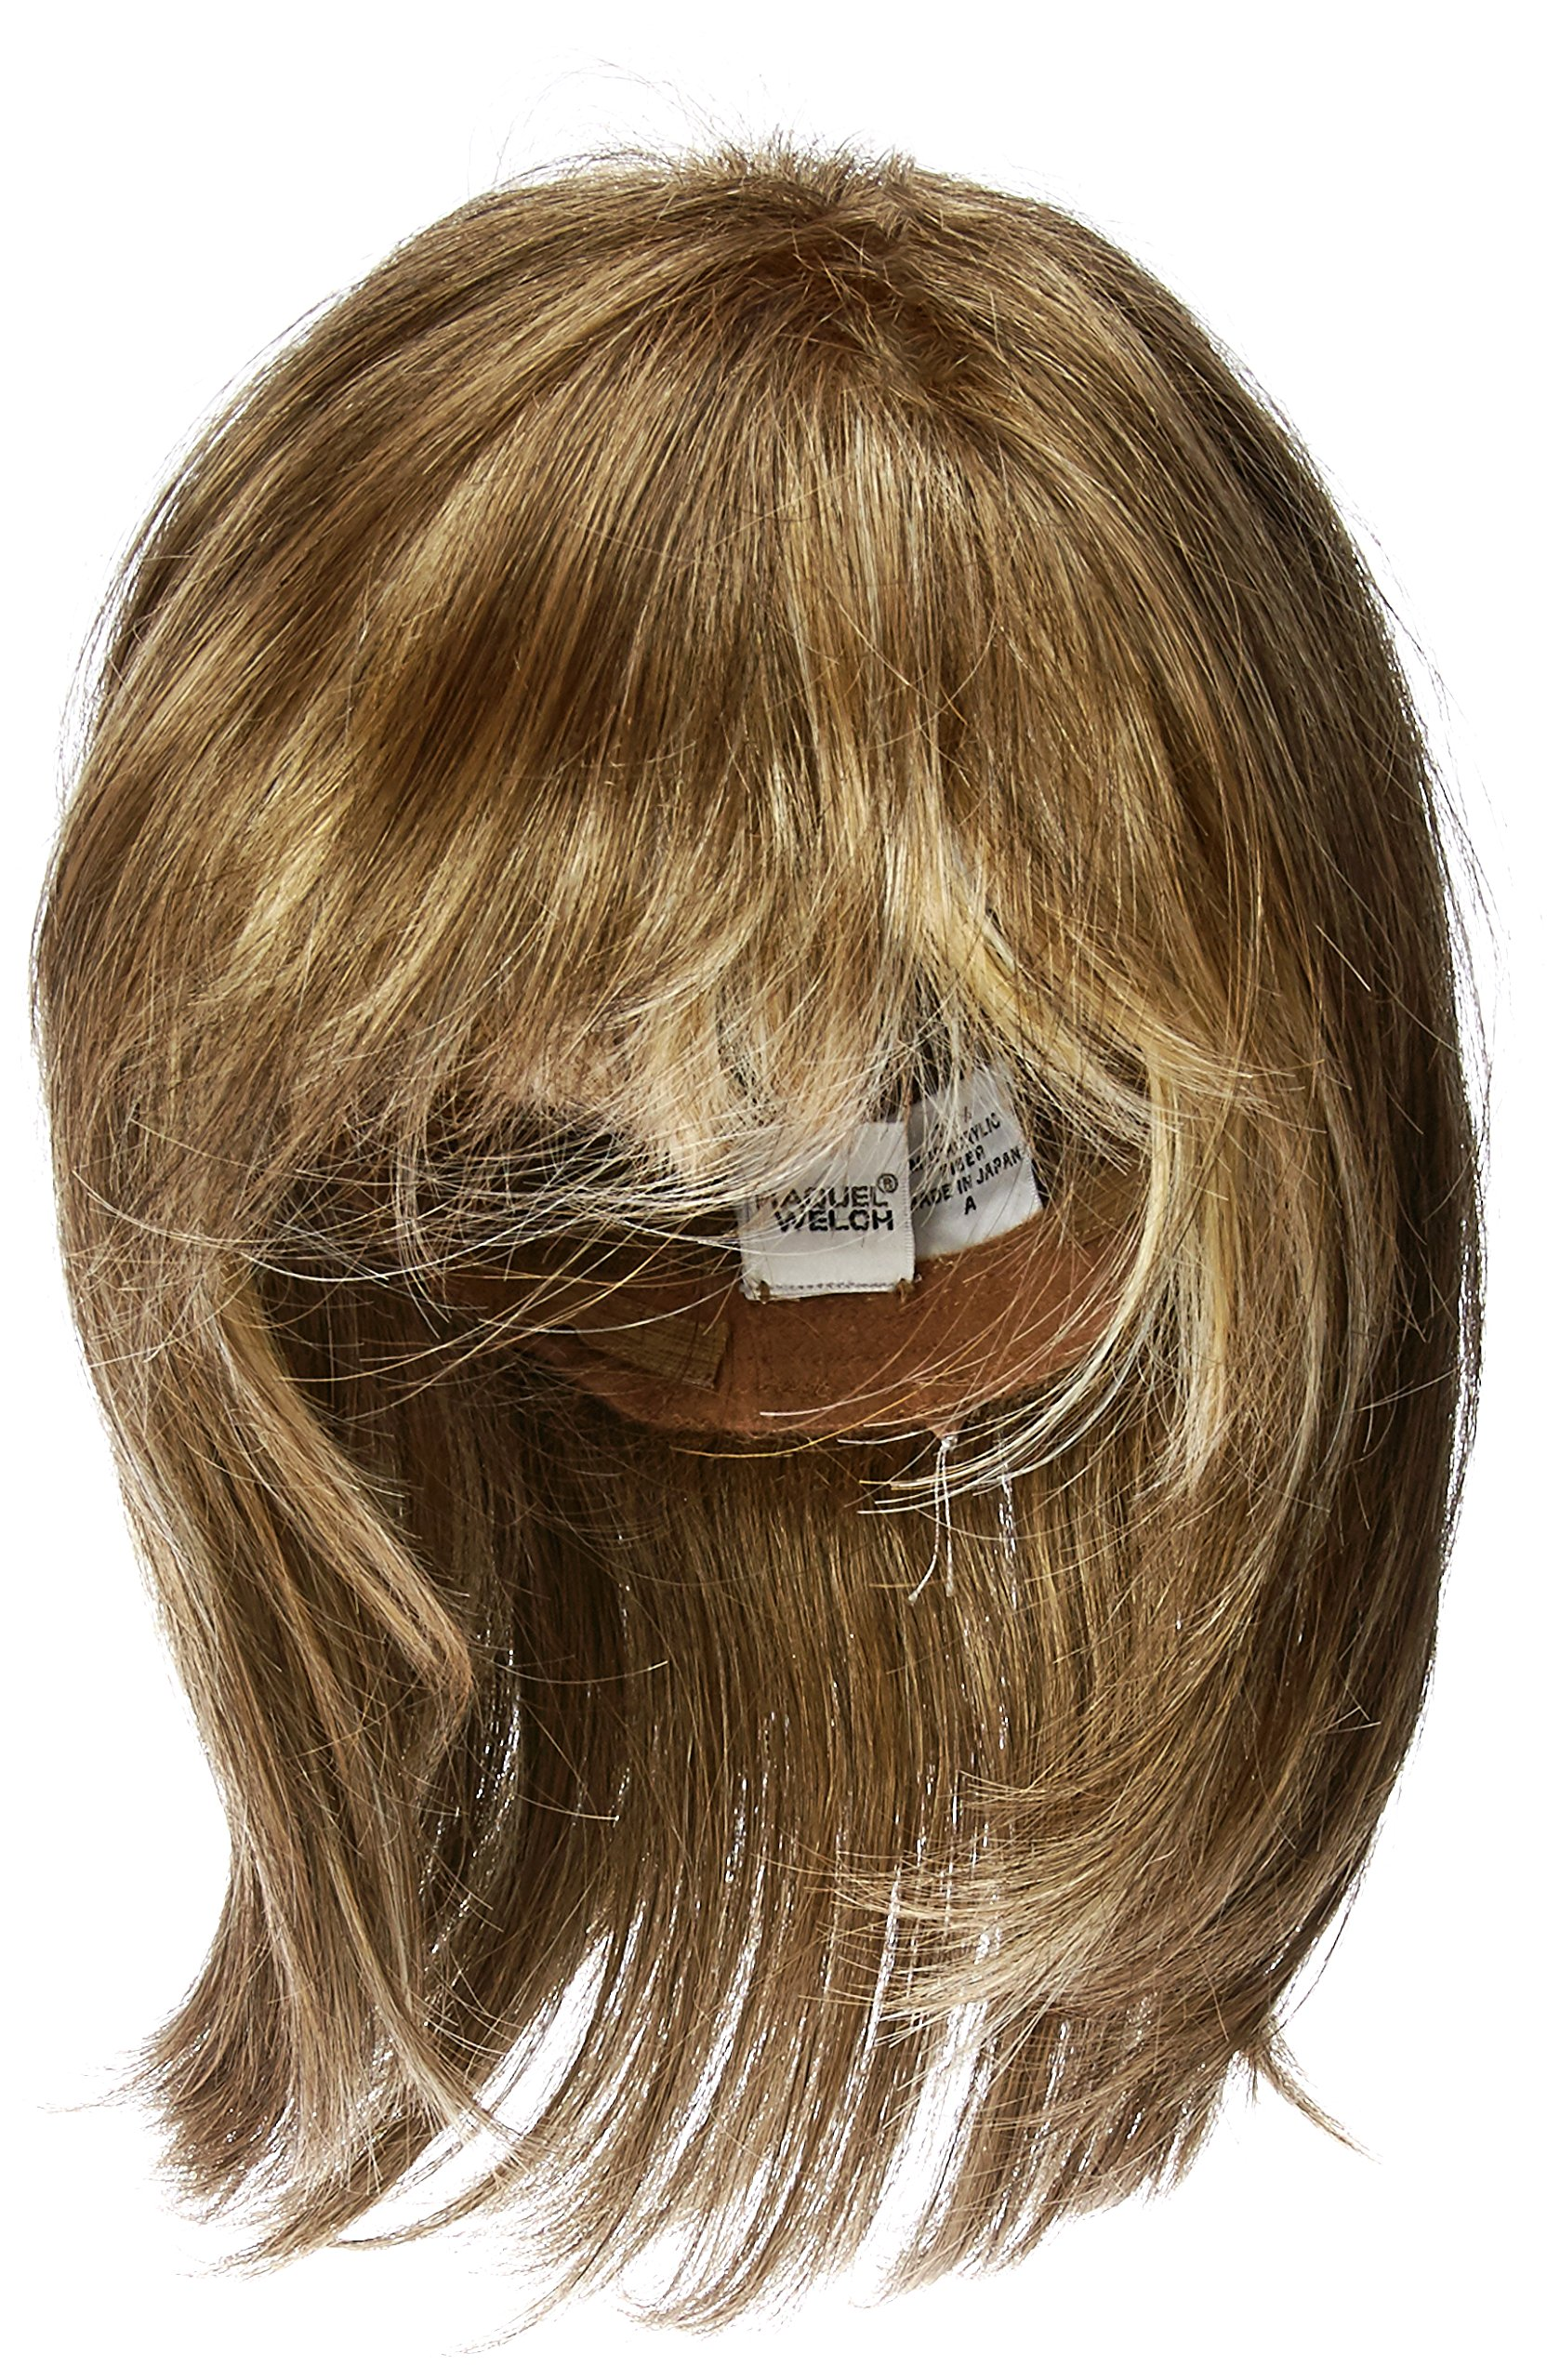 Raquel Welch Infatuation Elite, R13F25 Praline Foil by Hairuwear by Hair u wear